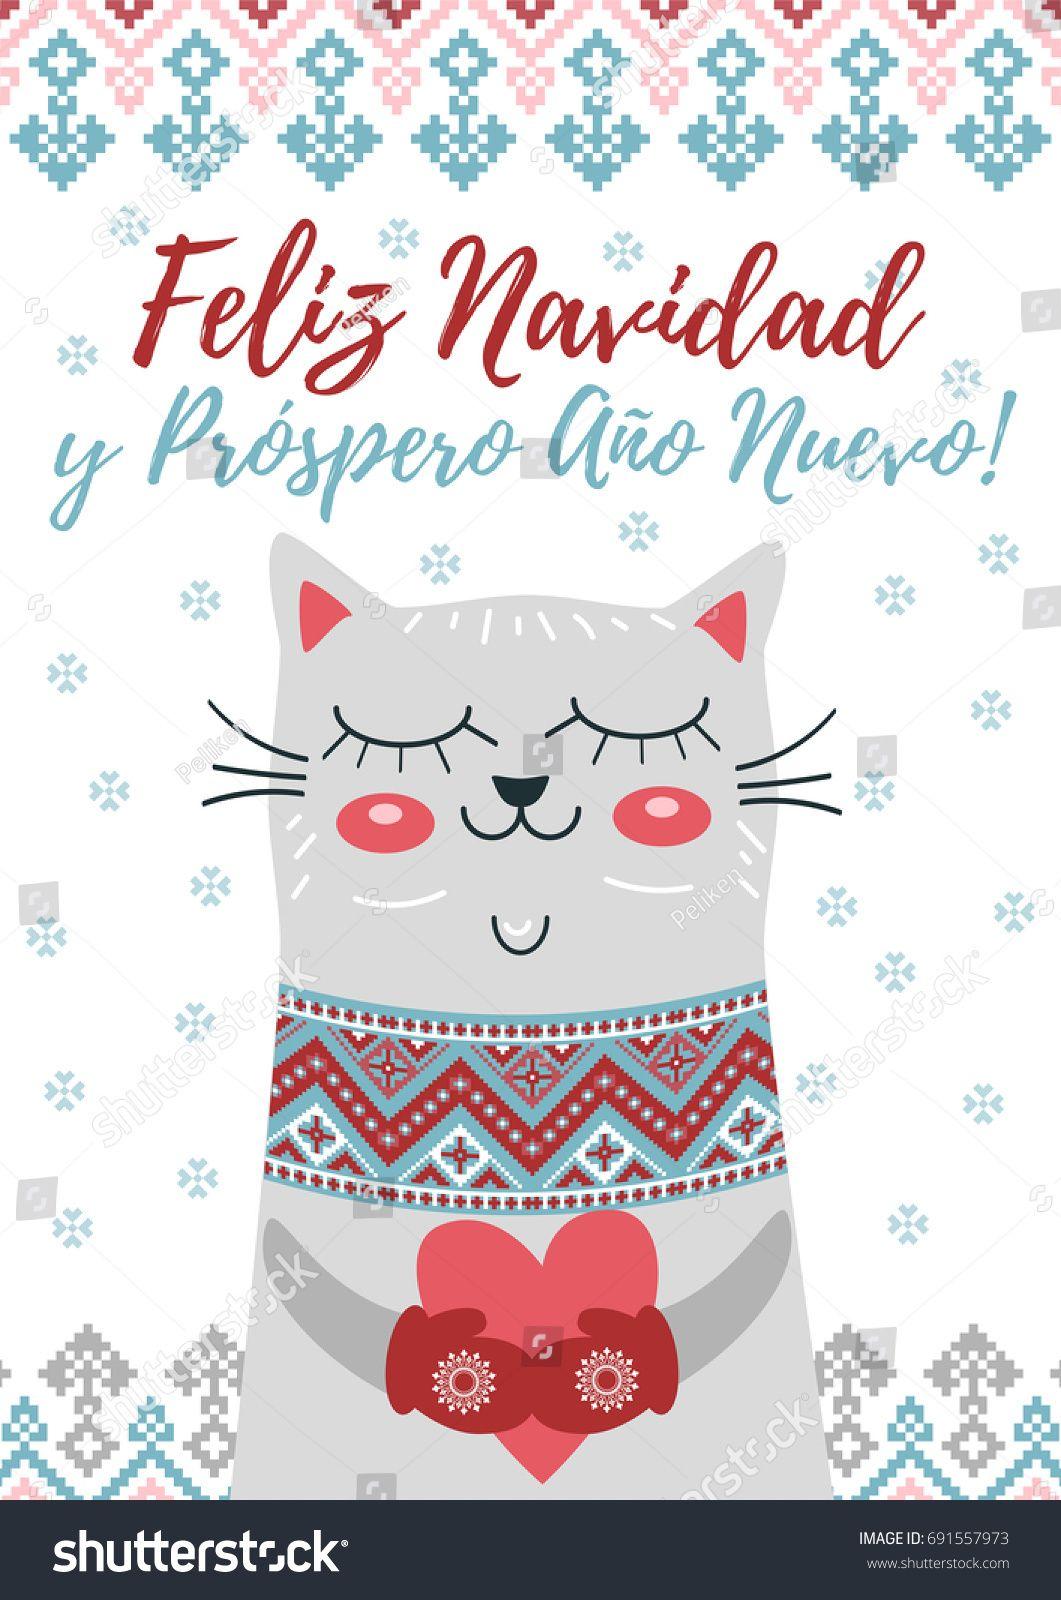 Feliz Navidad Y Prospero Ano Nuevo Happy Christmas And Happy New